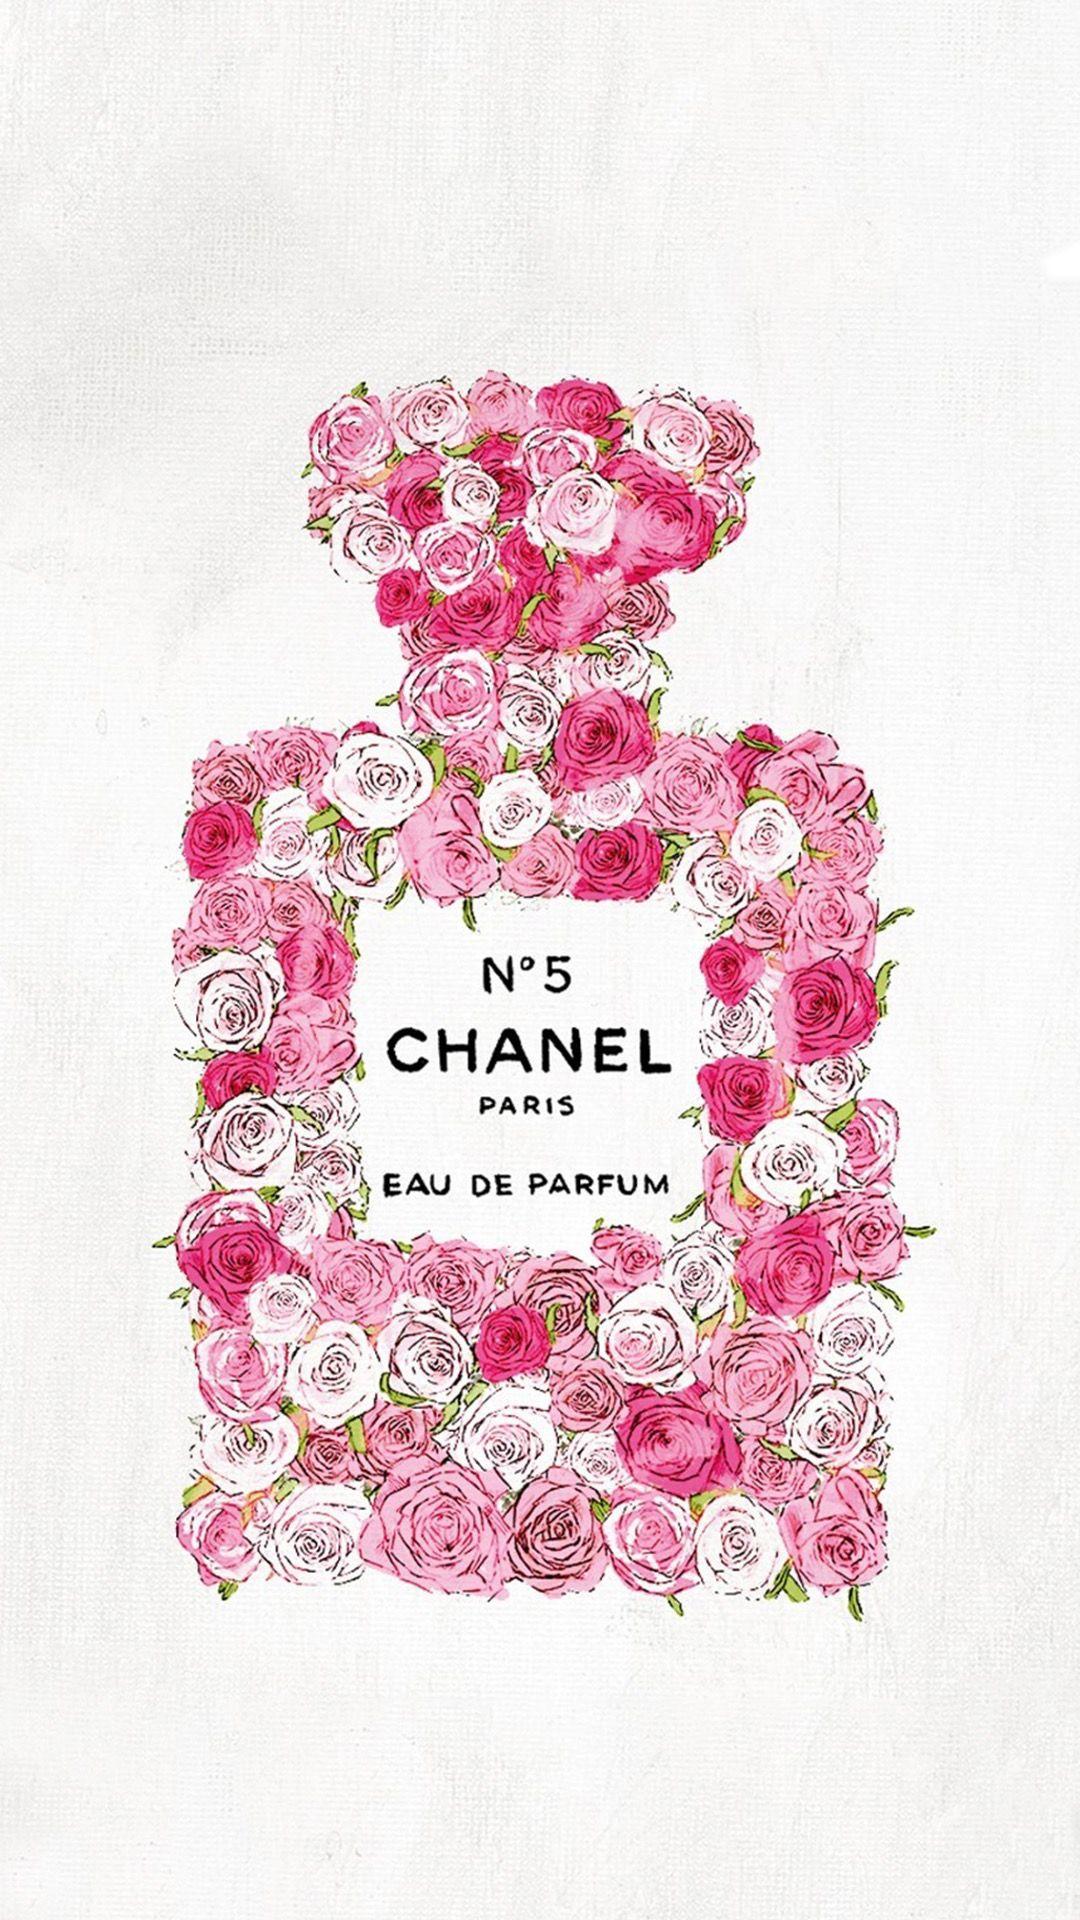 Chanel N 176 5 Chanel N5 Pinterest Wallpaper